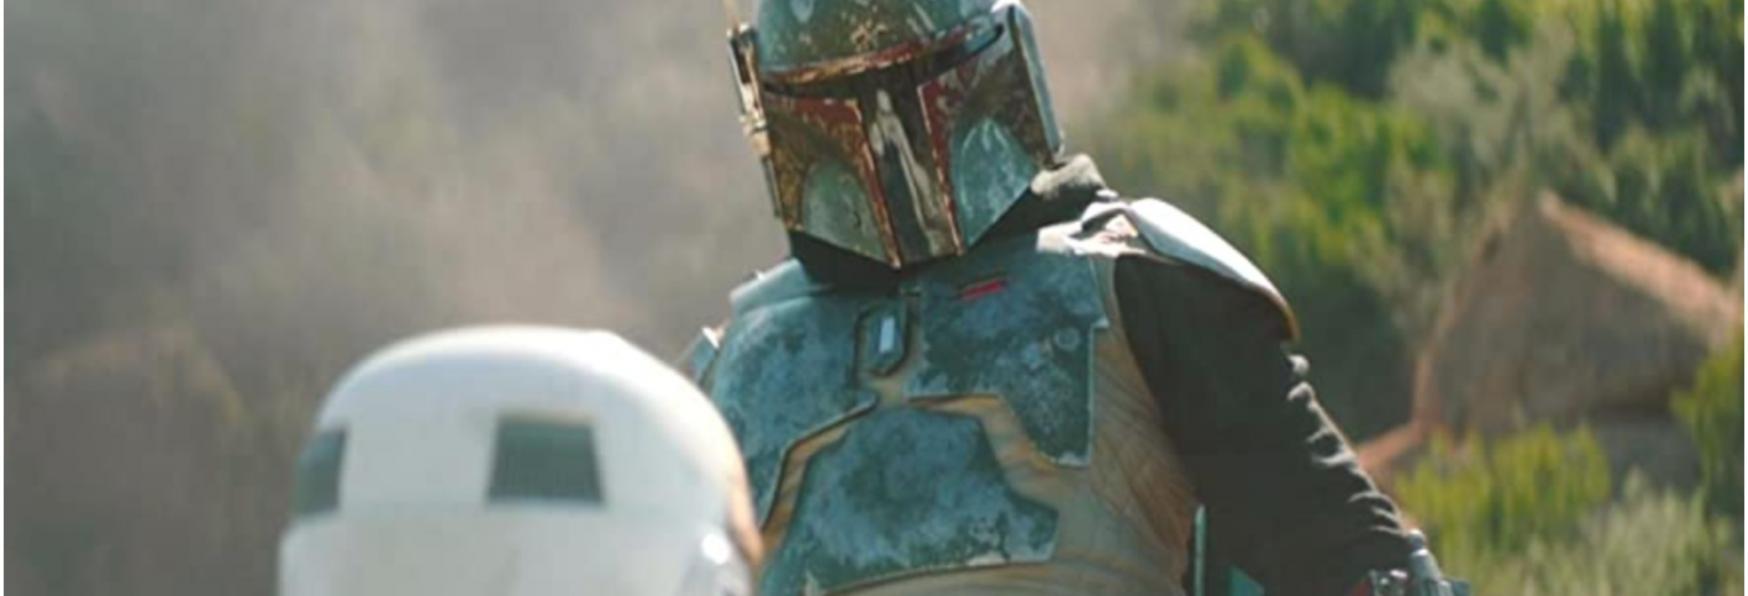 The Book of Boba Fett: la nuova Serie TV Star Wars sarà più Dark di The Mandalorian